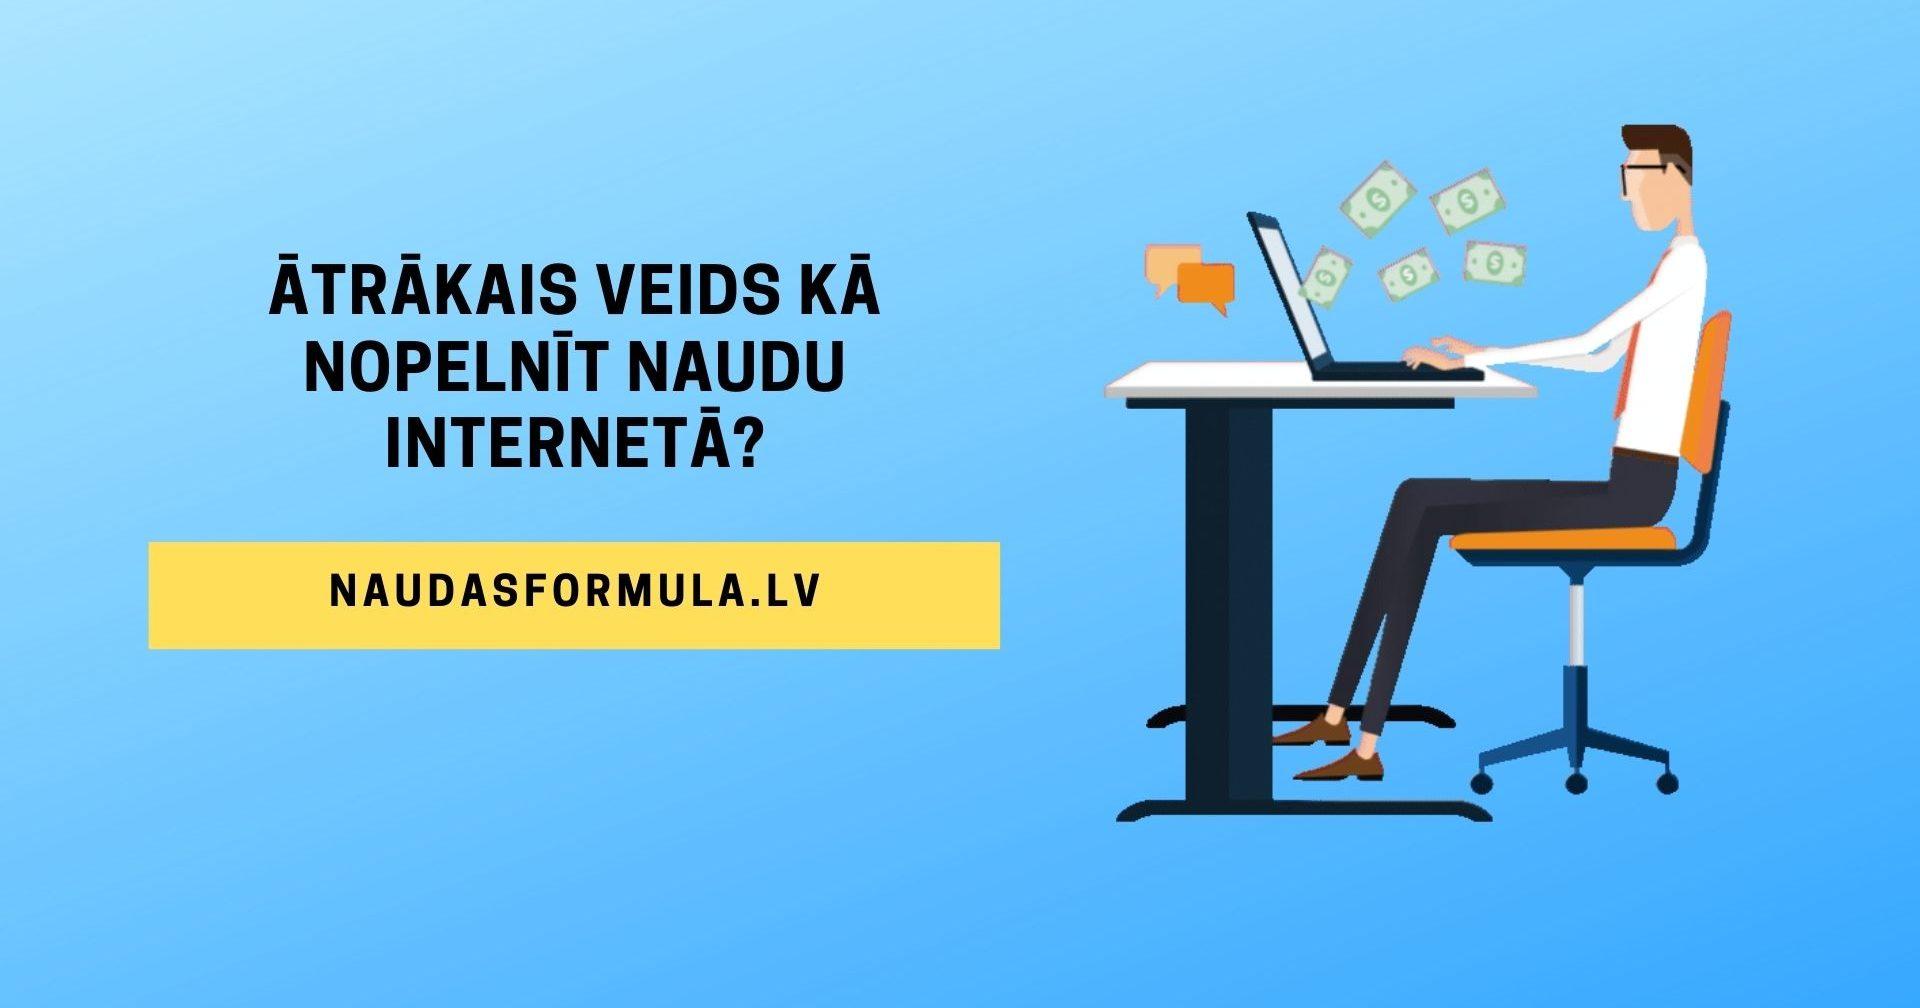 meklē ienākumus internetā opcija 60 sekundes atgriezeniskā saite